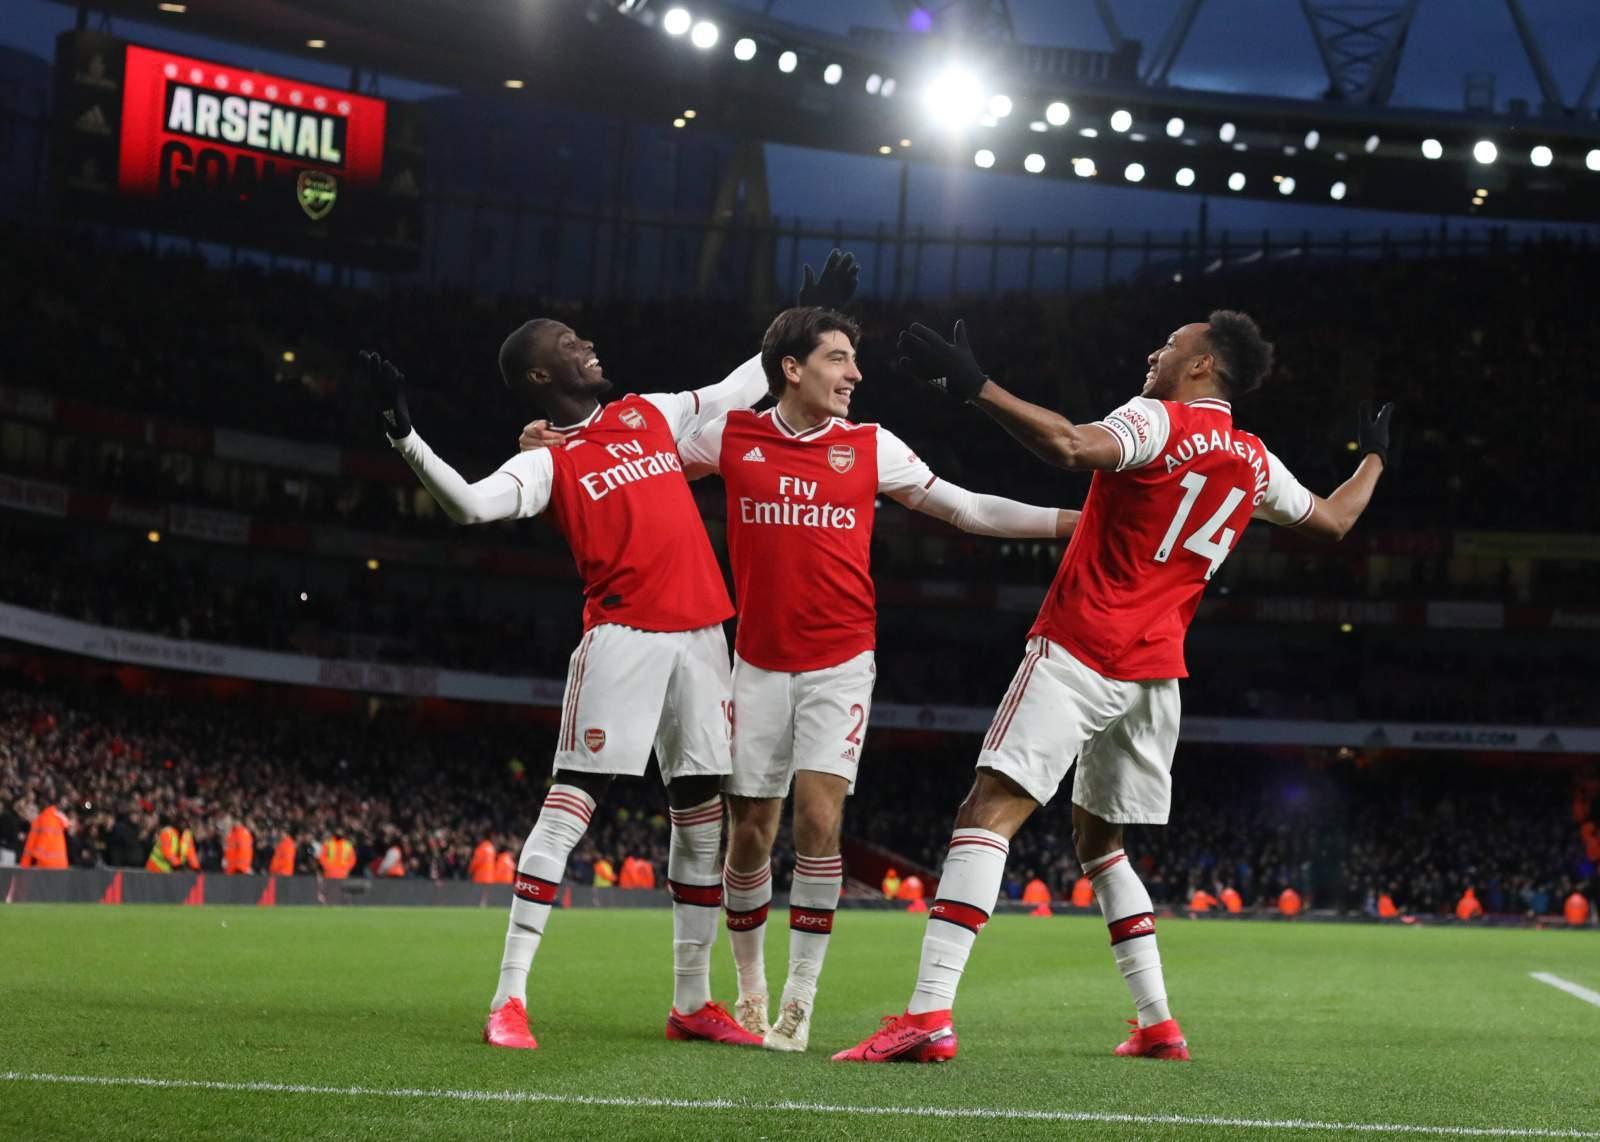 «Арсенал» - «Эвертон»: прогноз на матч чемпионата Англии – 23 апреля 2021